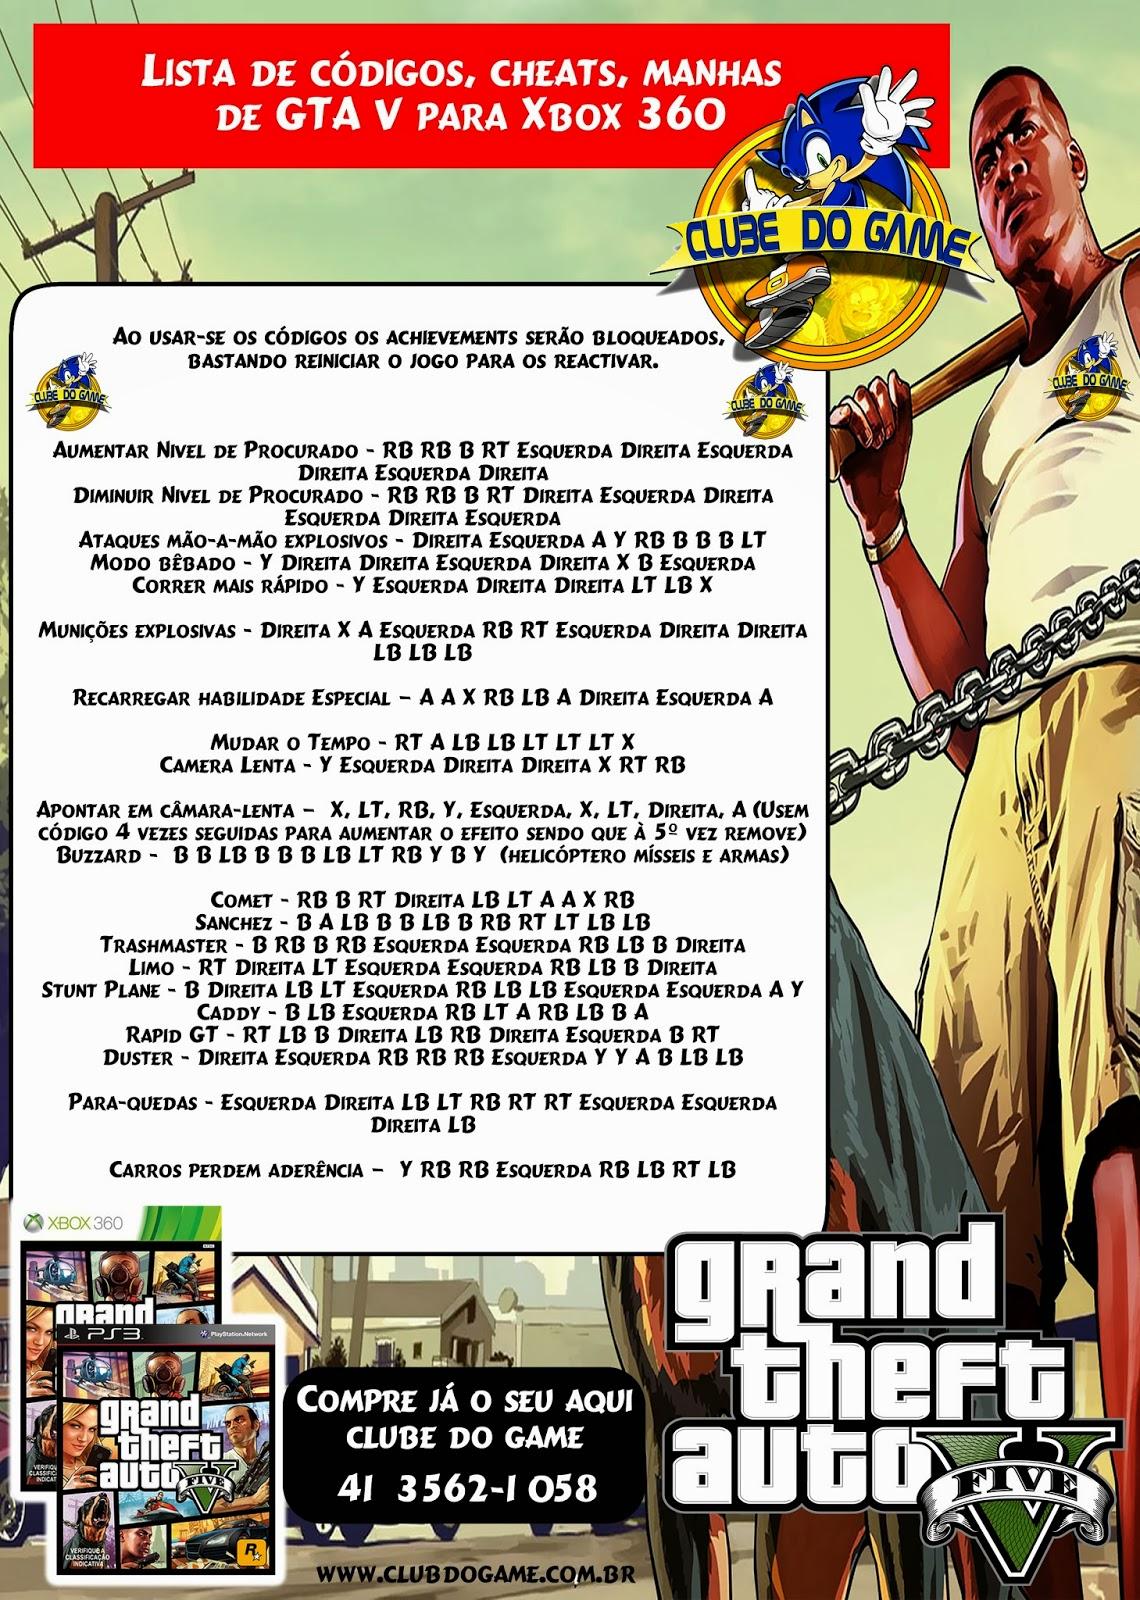 Manhas GTA 5 PARA XBOX 360 Clube Do Game